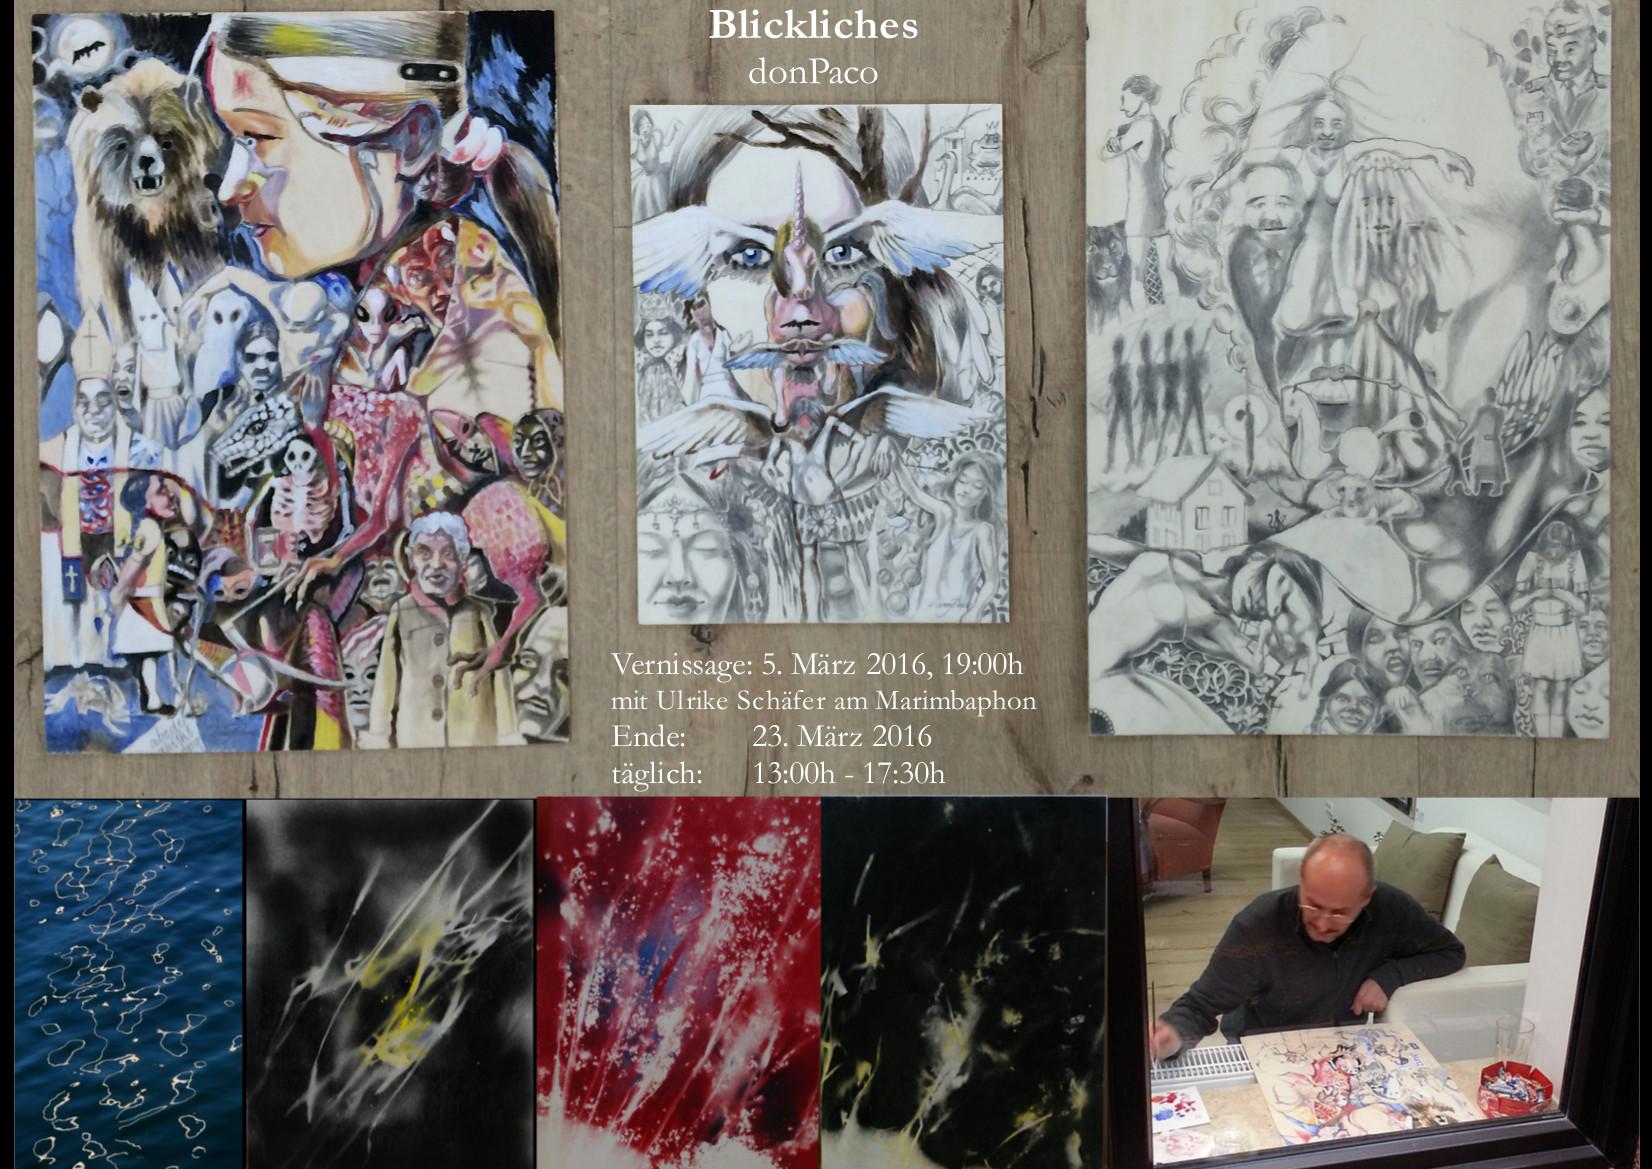 Kunstausstellung 'Blickliches' von donPaco